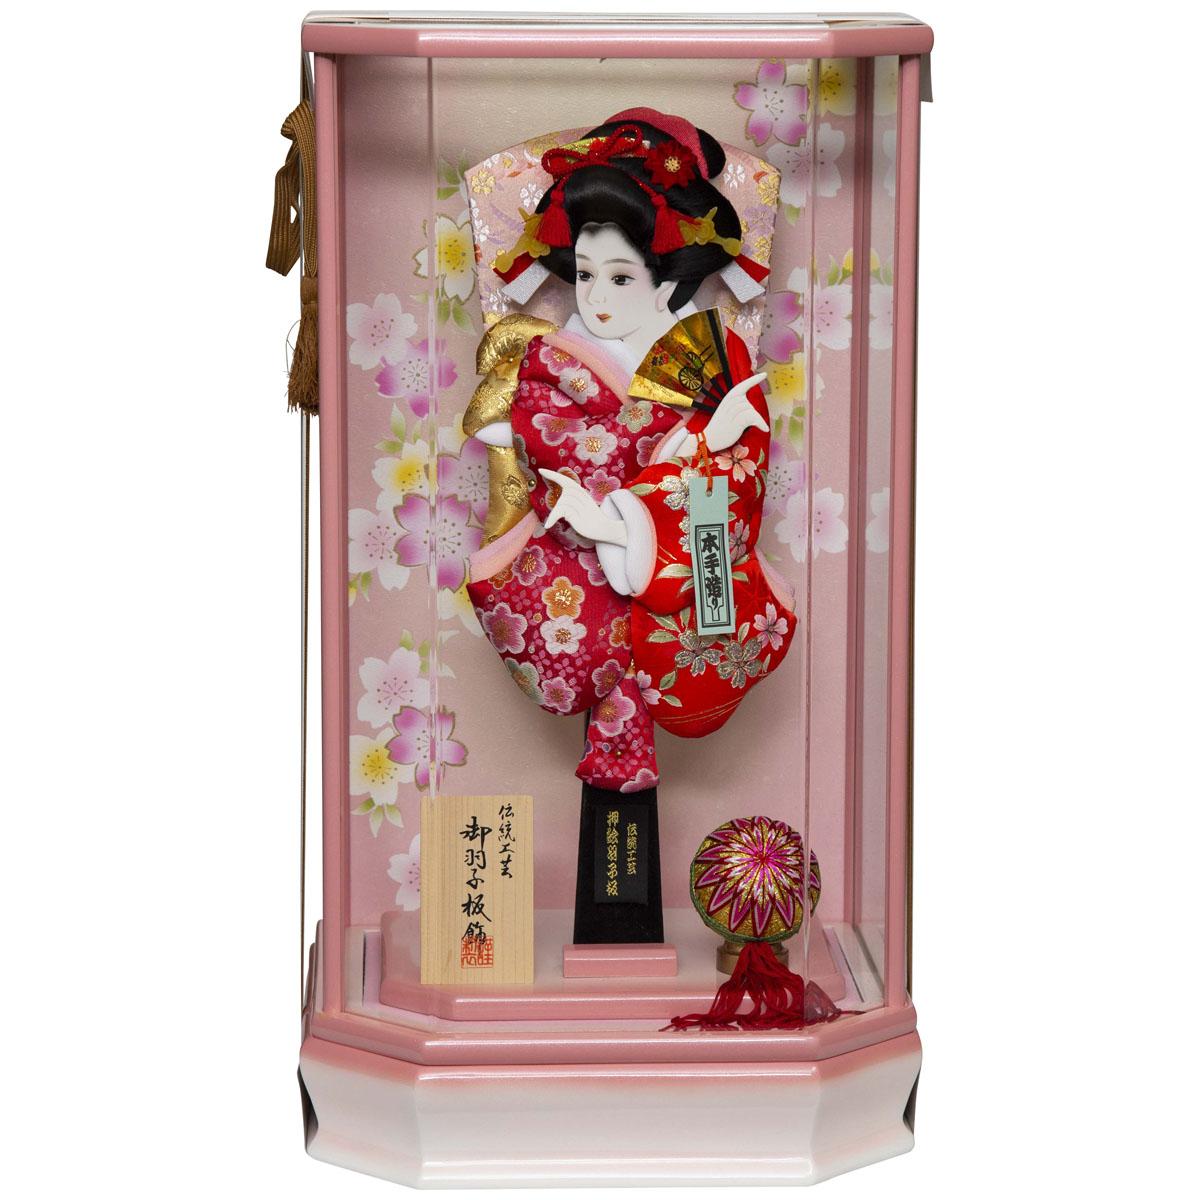 羽子板ケース飾り 桃姫 W-81040 羽子板 2020年 新作 初正月 正月飾り 羽子板飾り ケース ケース飾り